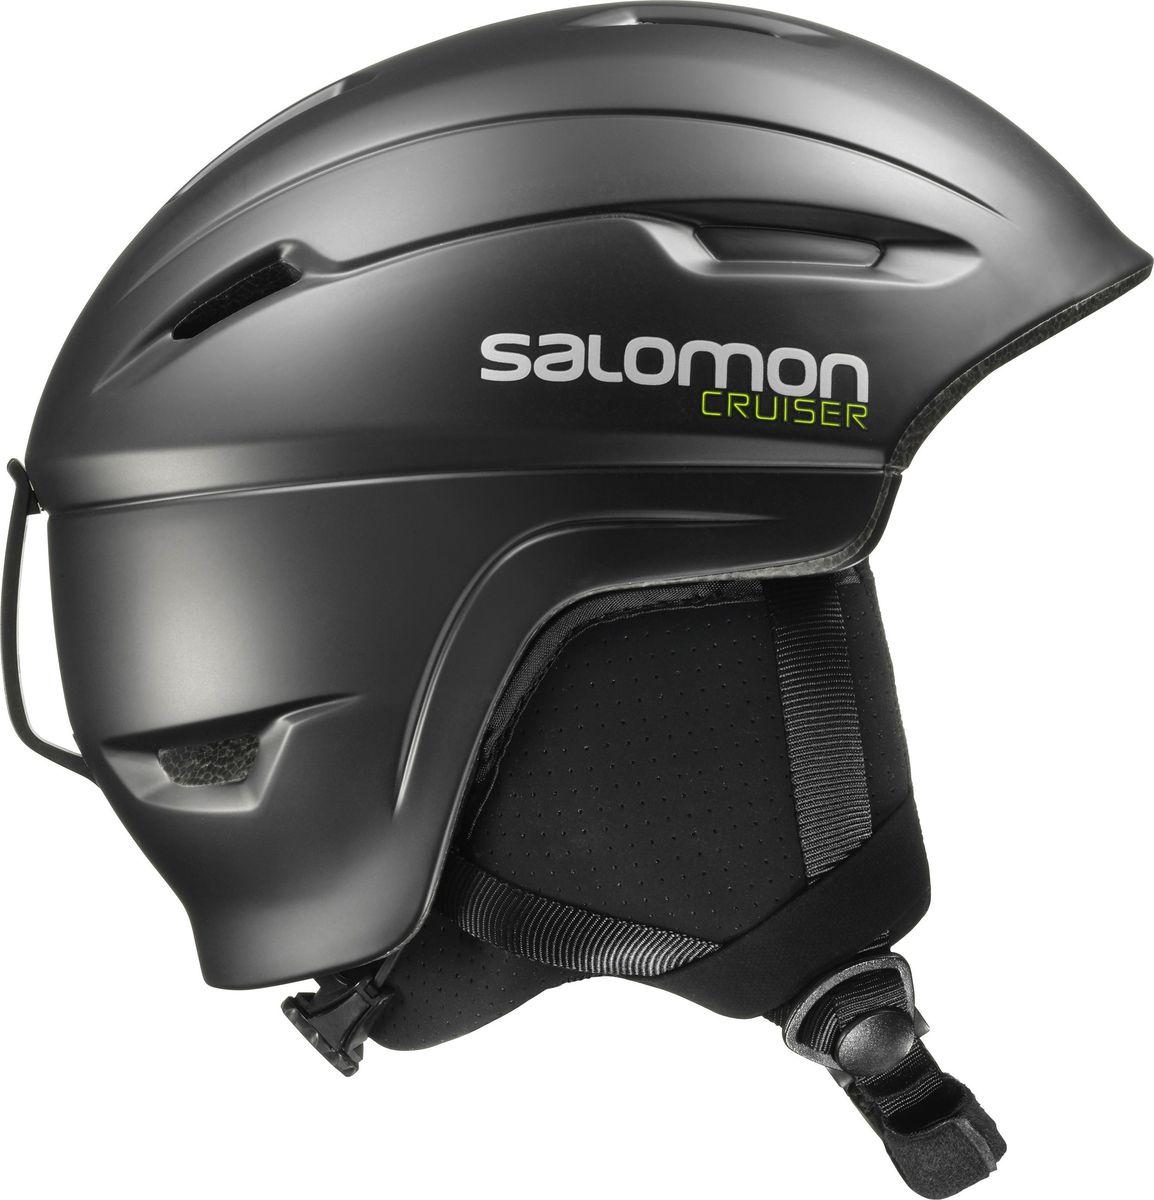 Шлем горнолыжный Salomon Helmet Cruiser 4D Black. Размер M (56/59)L39035100Шлем имеет верхнюю полуоткрытую конструкцию, выполненную как «раковина», в основе которой лежит материал полистирол. Достигается впечатляющая вентиляция посредством использования циркулируемого воздушного потока. Материал легко отстирывается, даже после больших загрязнений на поверхности. Включена и специальная конструкции наушников, которая может без проблем интегрироваться с любой аудиосистемой. Имеет высокую прочность, долговечность. Шлем с применением инновационного материала EPS 4D - эффективное поглощение удара с любого направления - наклонного или вертикального. Система регулировки размера Custom Dial - система быстрой и удобной регулировки поворотным кольцом сзади шлема. Система вентиляции Airflow - вентиляционные каналы, расположенные в стратегически важных зонах, делают воздушный поток и вывод тепла. Съемная подкладка. Съемная защита ушей. Шлем совместим с аудио-аксессуарами.